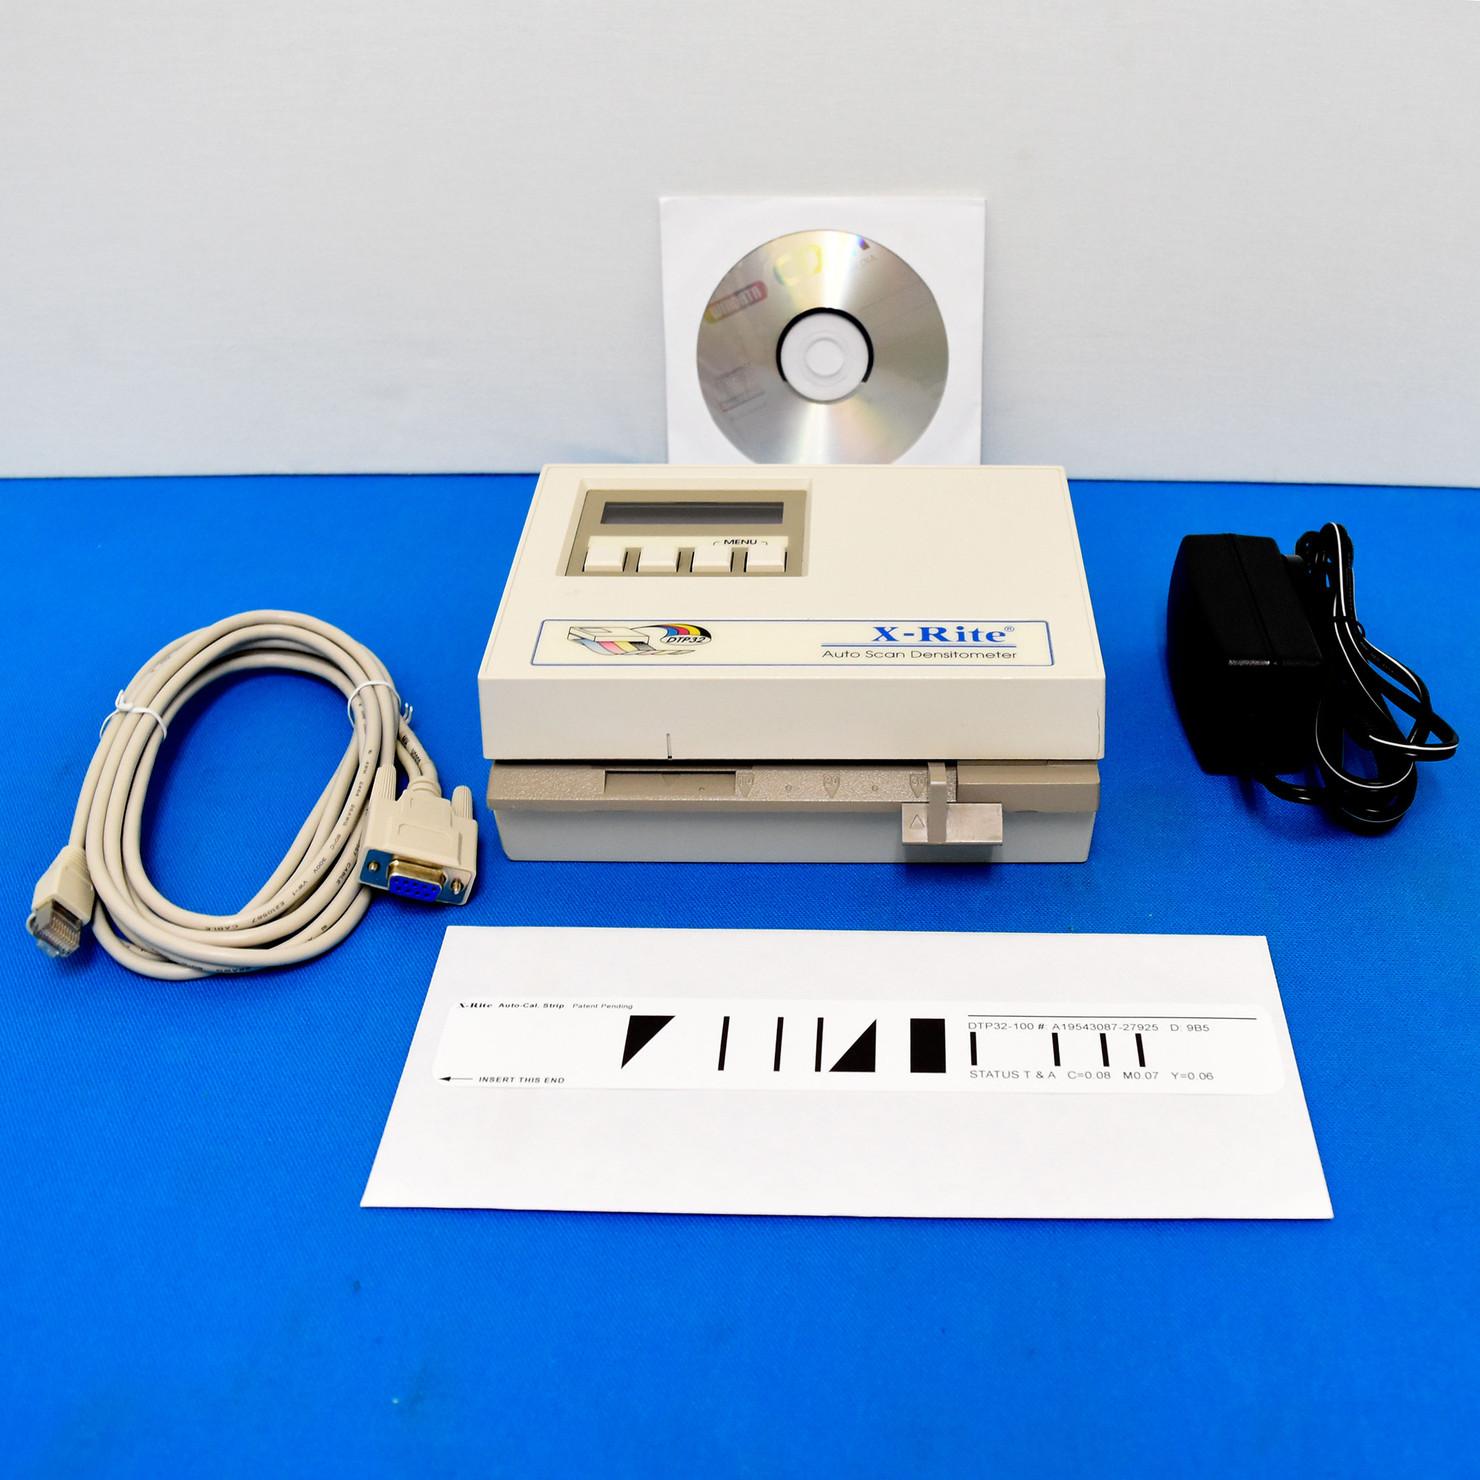 X-Rite DTP32R Auto Scan Densitometer DTP 32R Excellent Condition Xrite DTP32